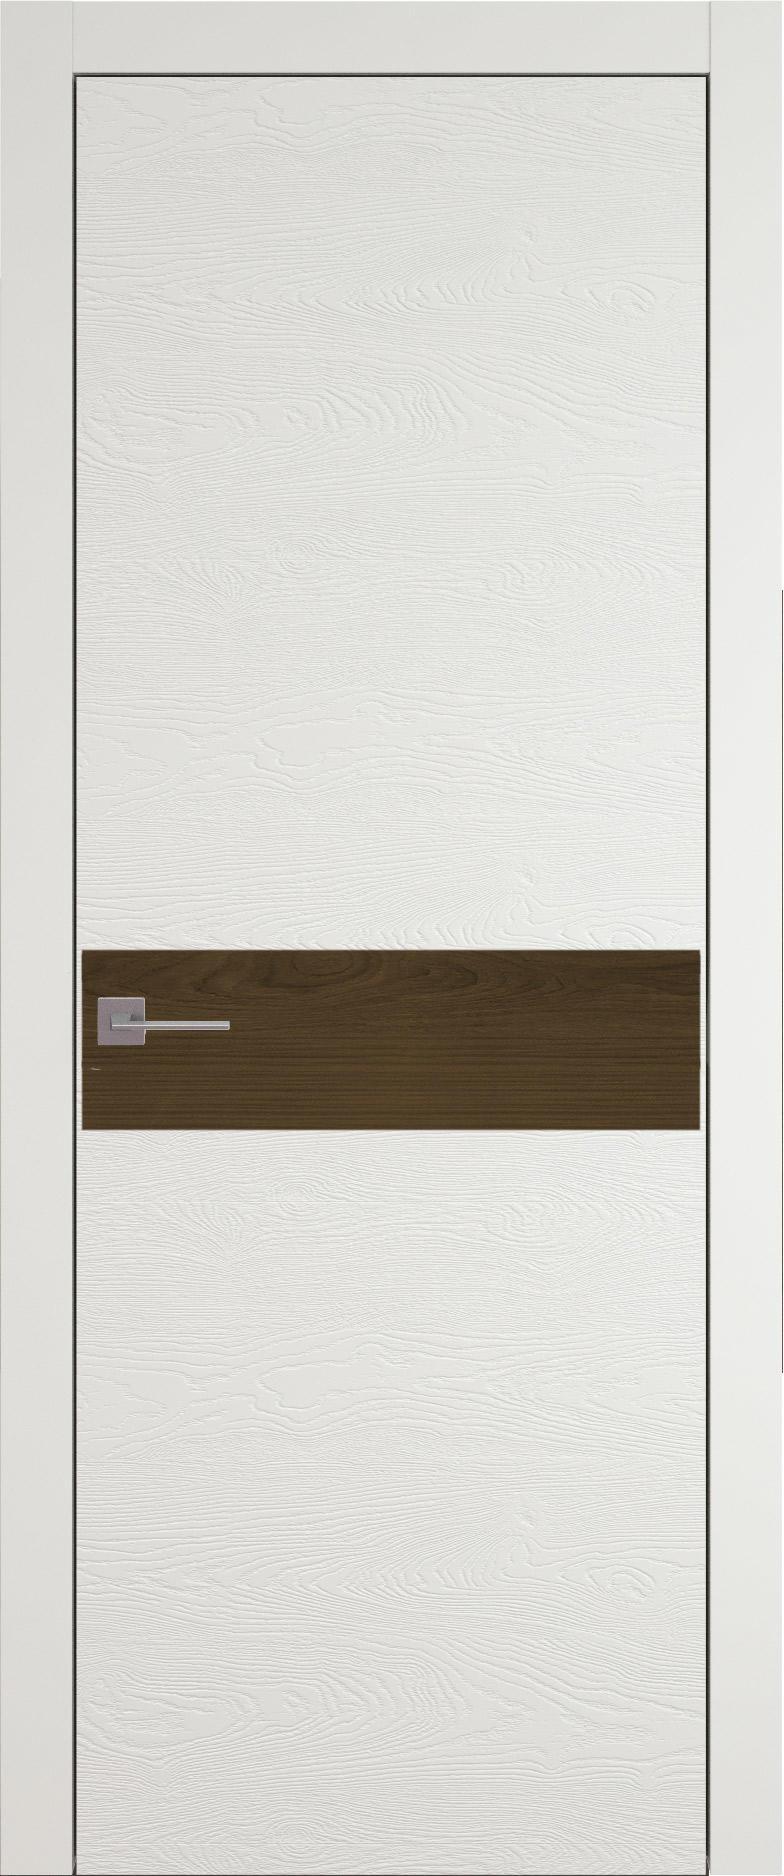 Tivoli И-4 цвет - Бежевая эмаль по шпону (RAL 9010) Без стекла (ДГ)